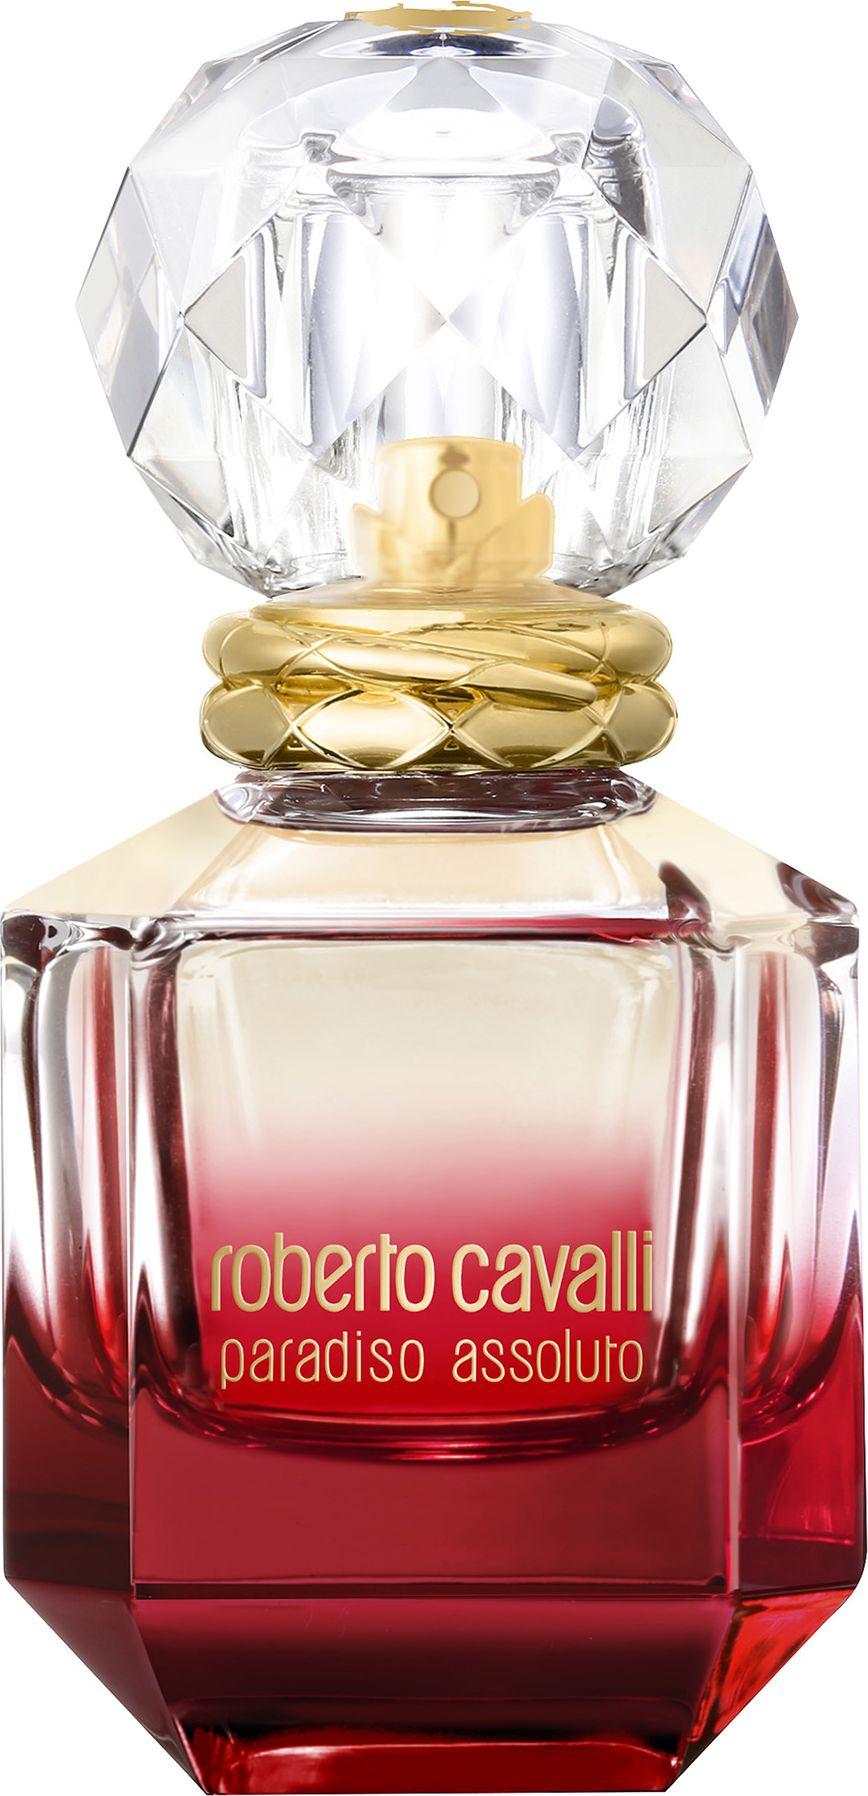 Roberto Cavalli Paradiso Assoluto 50 ml Smaržas sievietēm